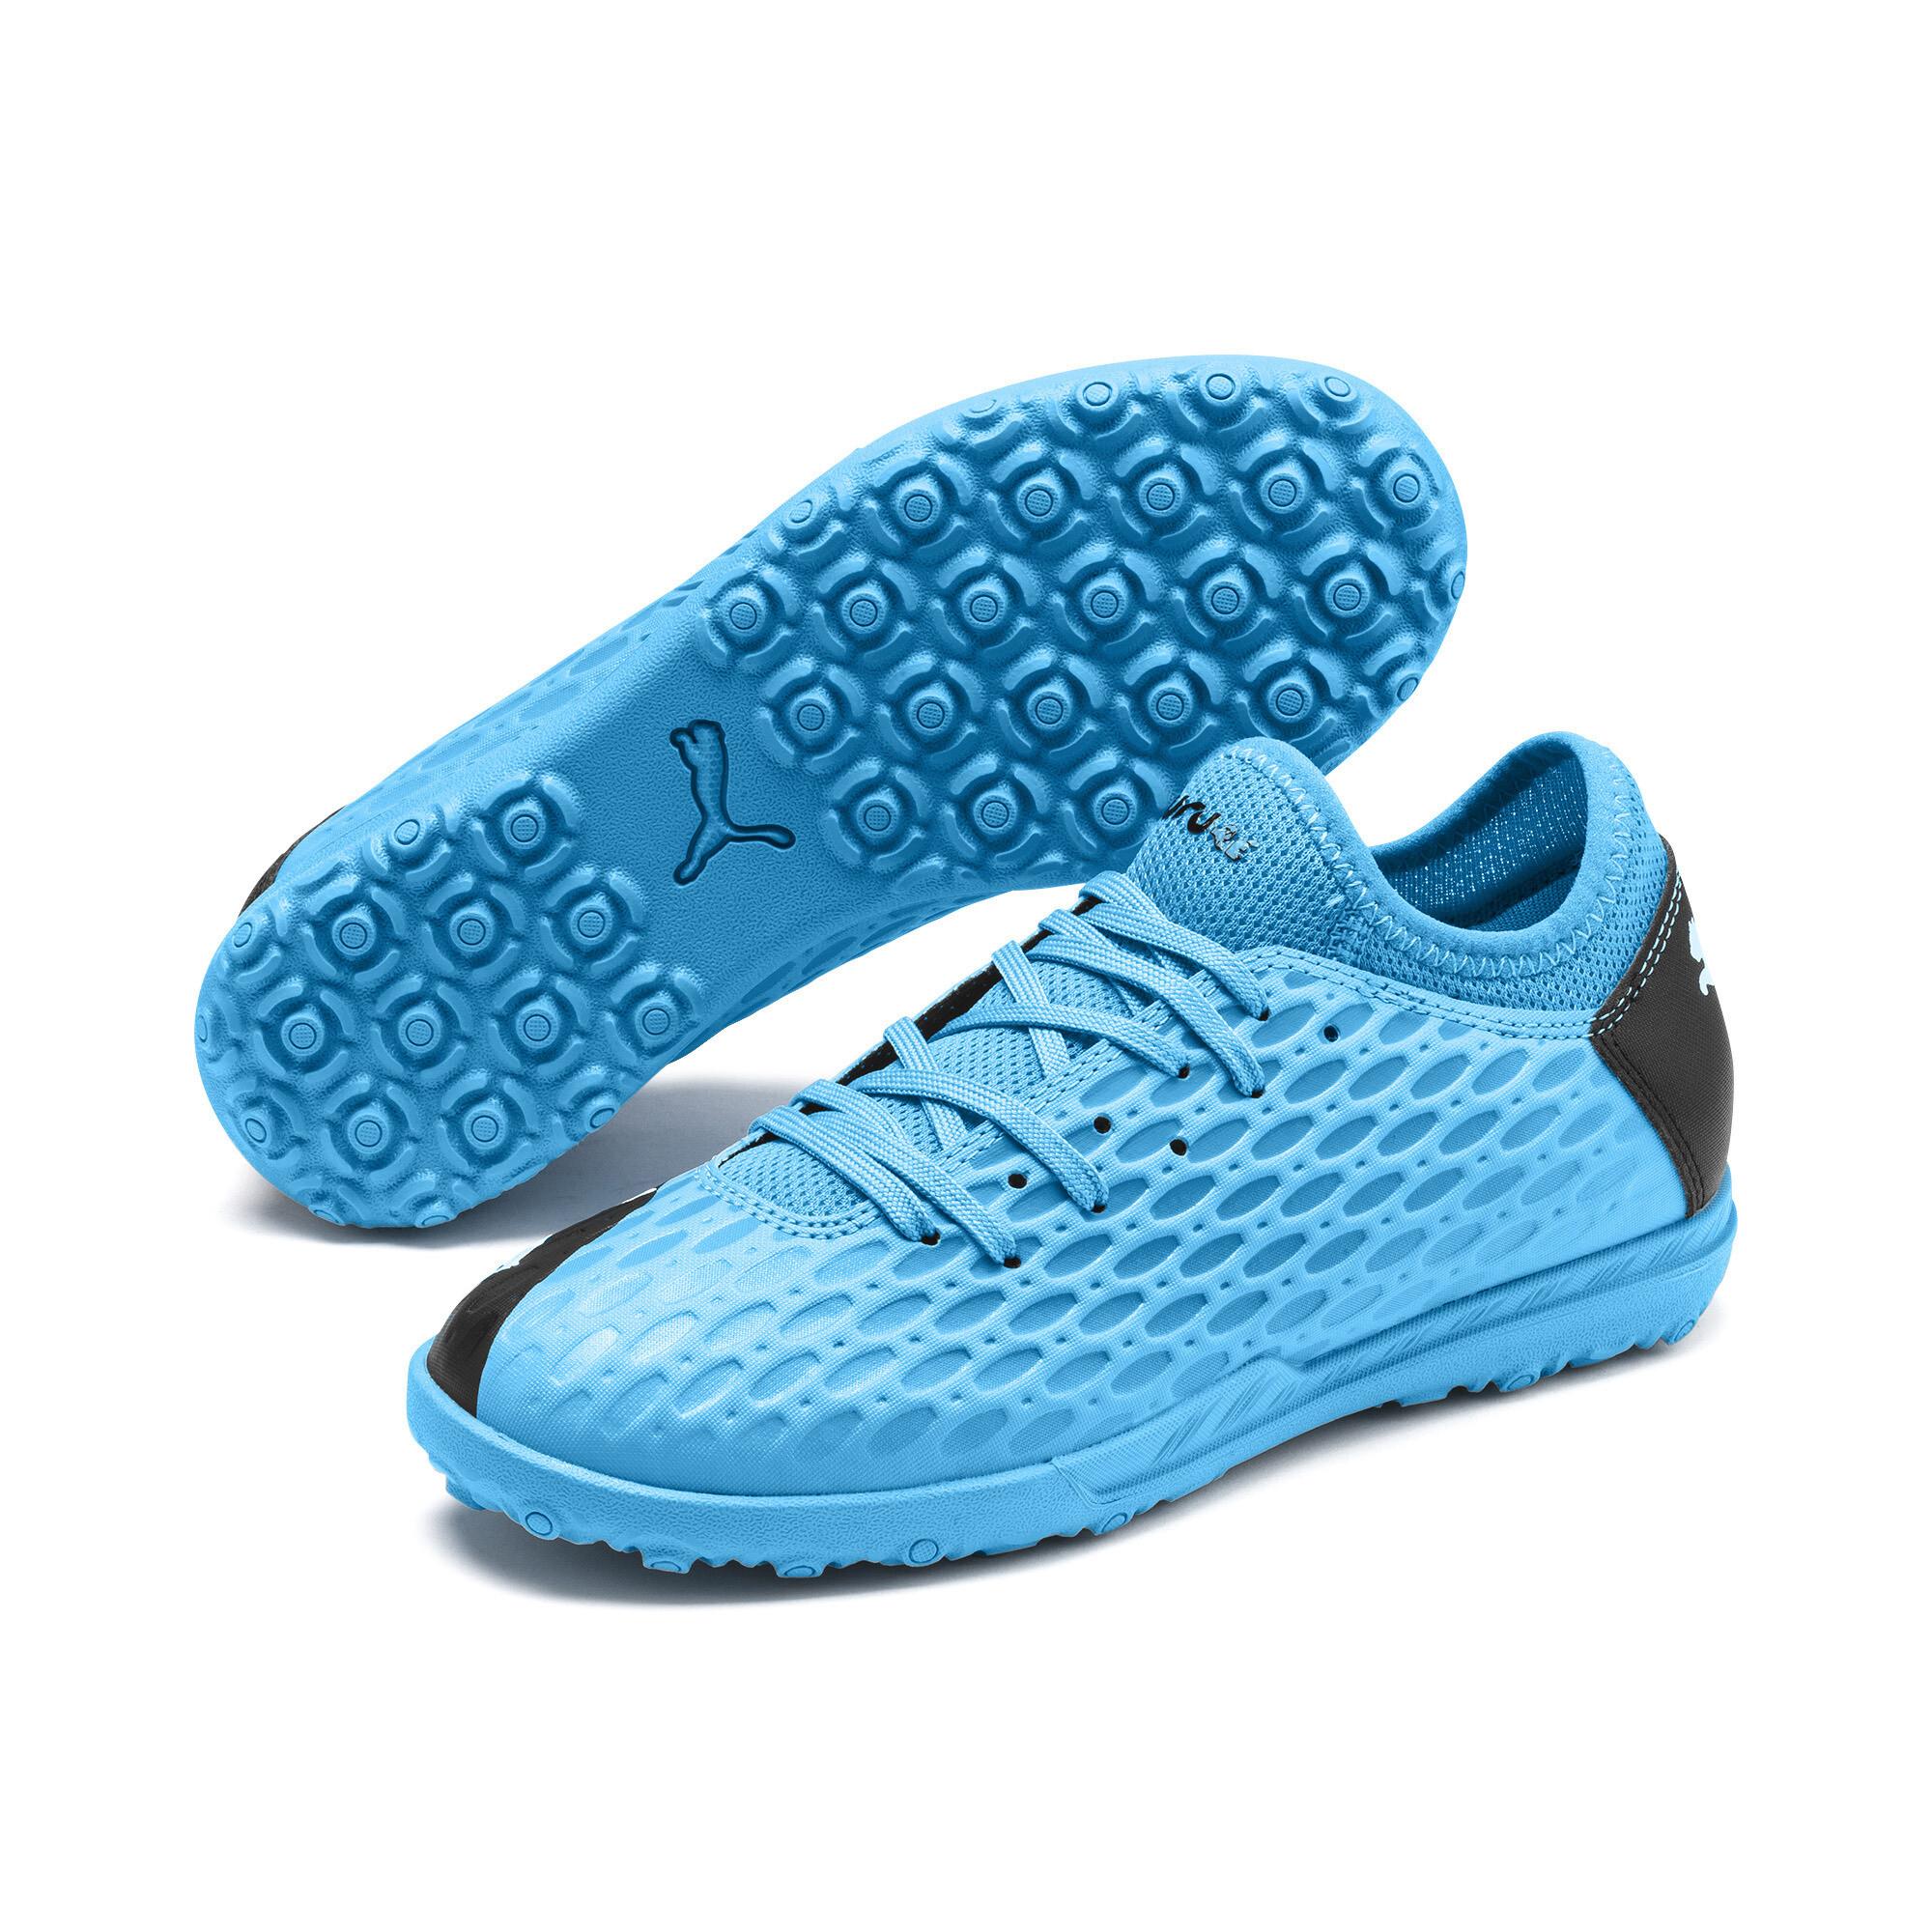 【プーマ公式通販】 プーマ キッズ フューチャー 5.4 TT JR サッカー ターフトレーニング 18-24.5cm メンズ Blue-Nrgy Blue-Black-Pink |PUMA.com